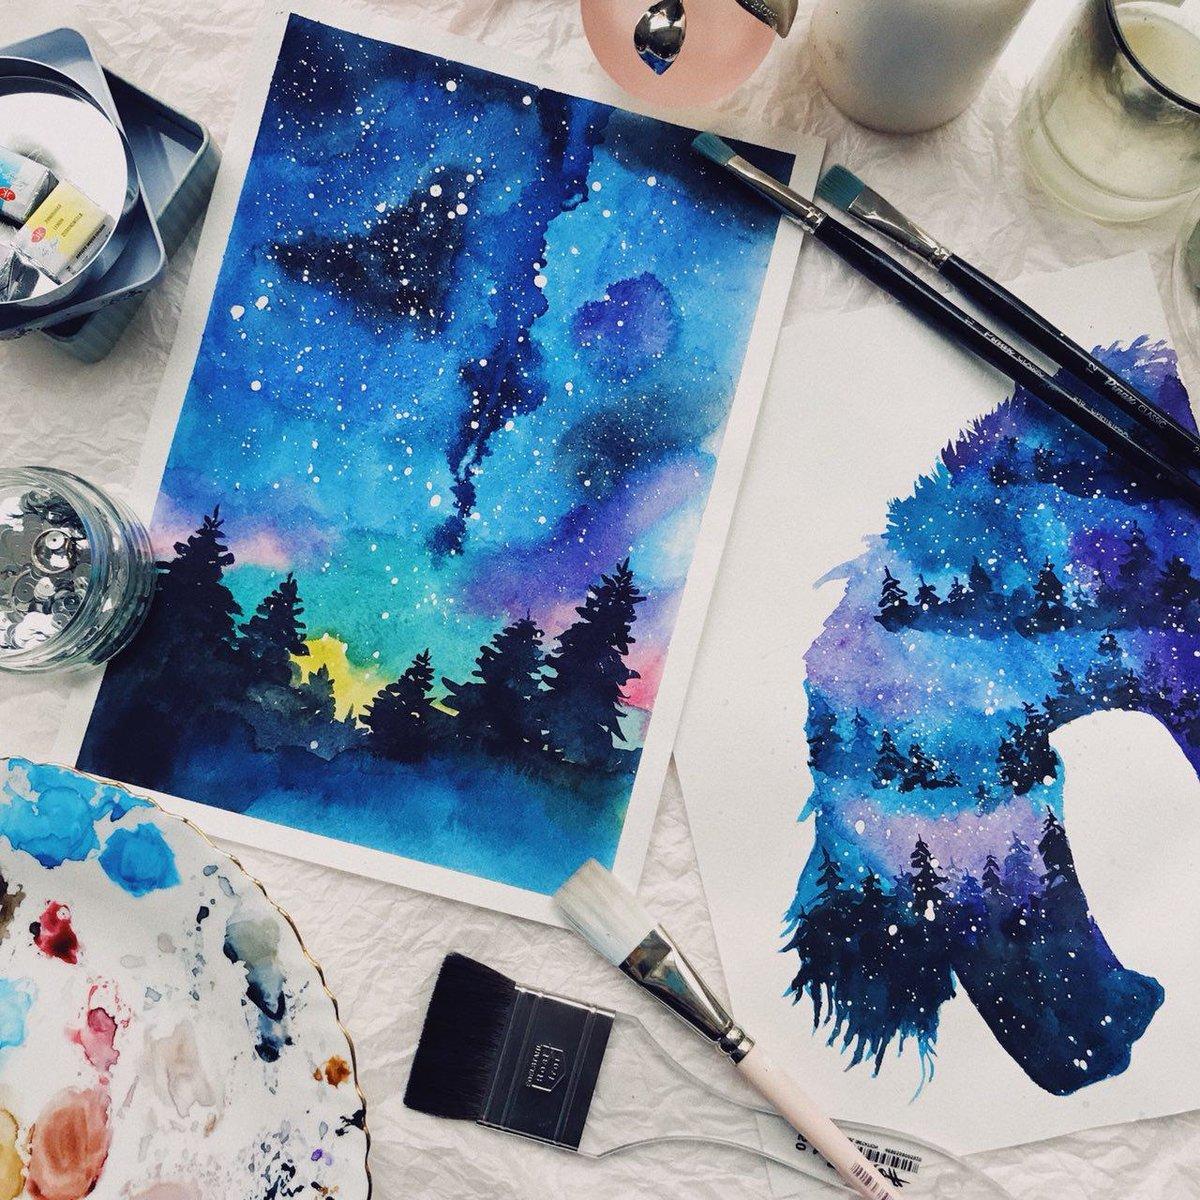 Как нарисовать космос гуашью поэтапно в картинках